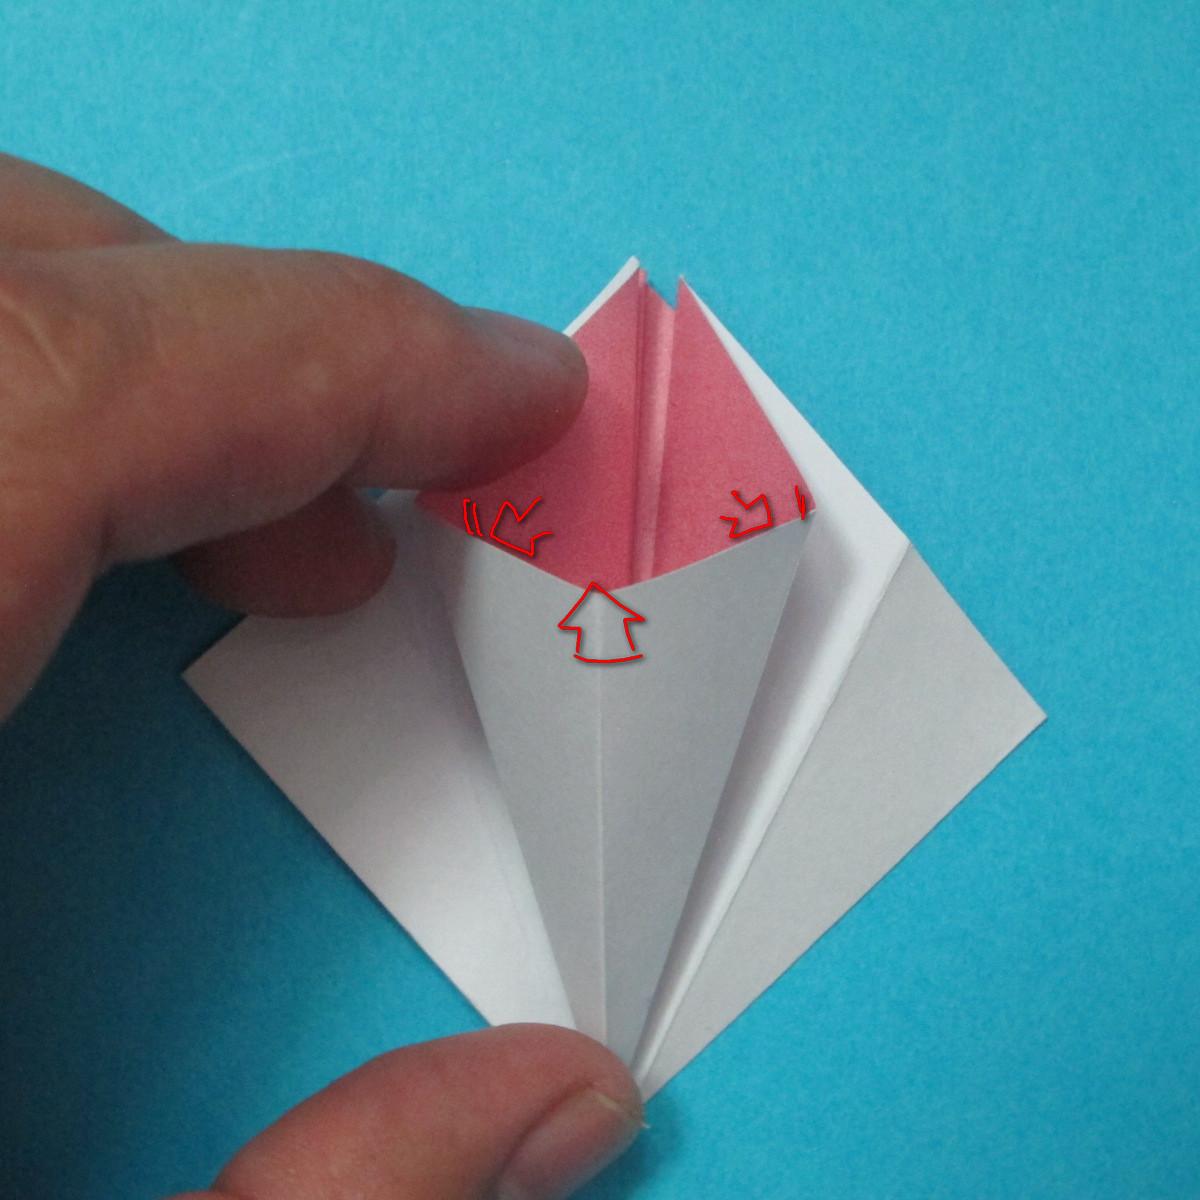 วิธีการพับกระดาษเป็นดอกไม้แปดกลีบ 009